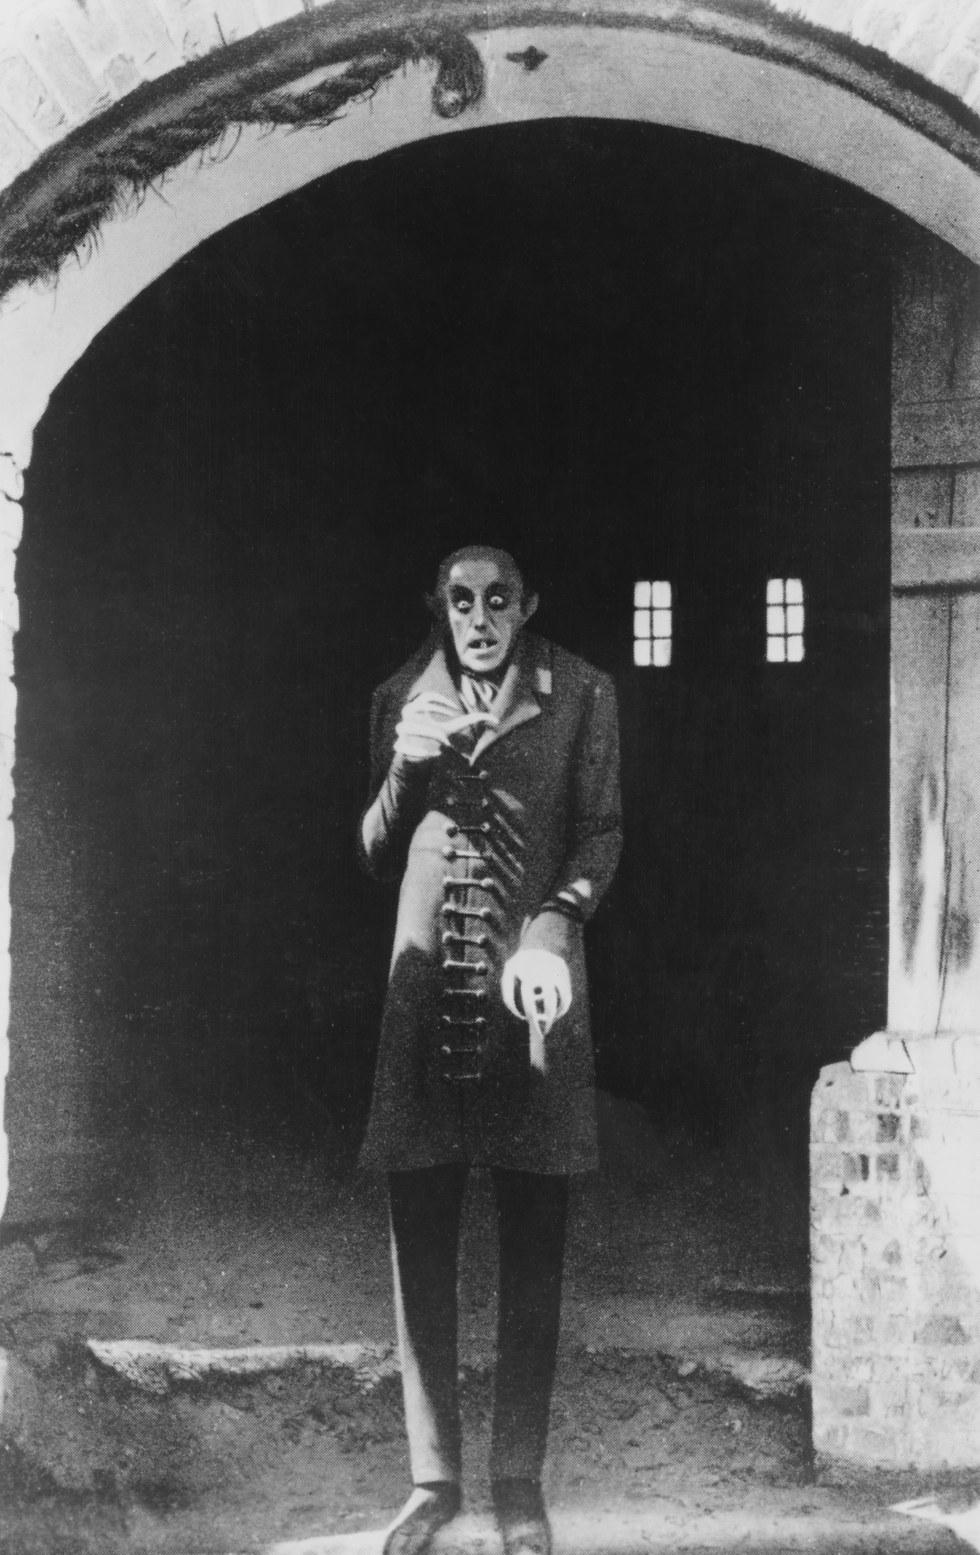 Ο πρώτος επιβεβαιωμένος βρικόλακας στην Ευρώπη που στοίχειωσε την χήρα του και ήταν αδιαπέραστος από τους σταυρούς!